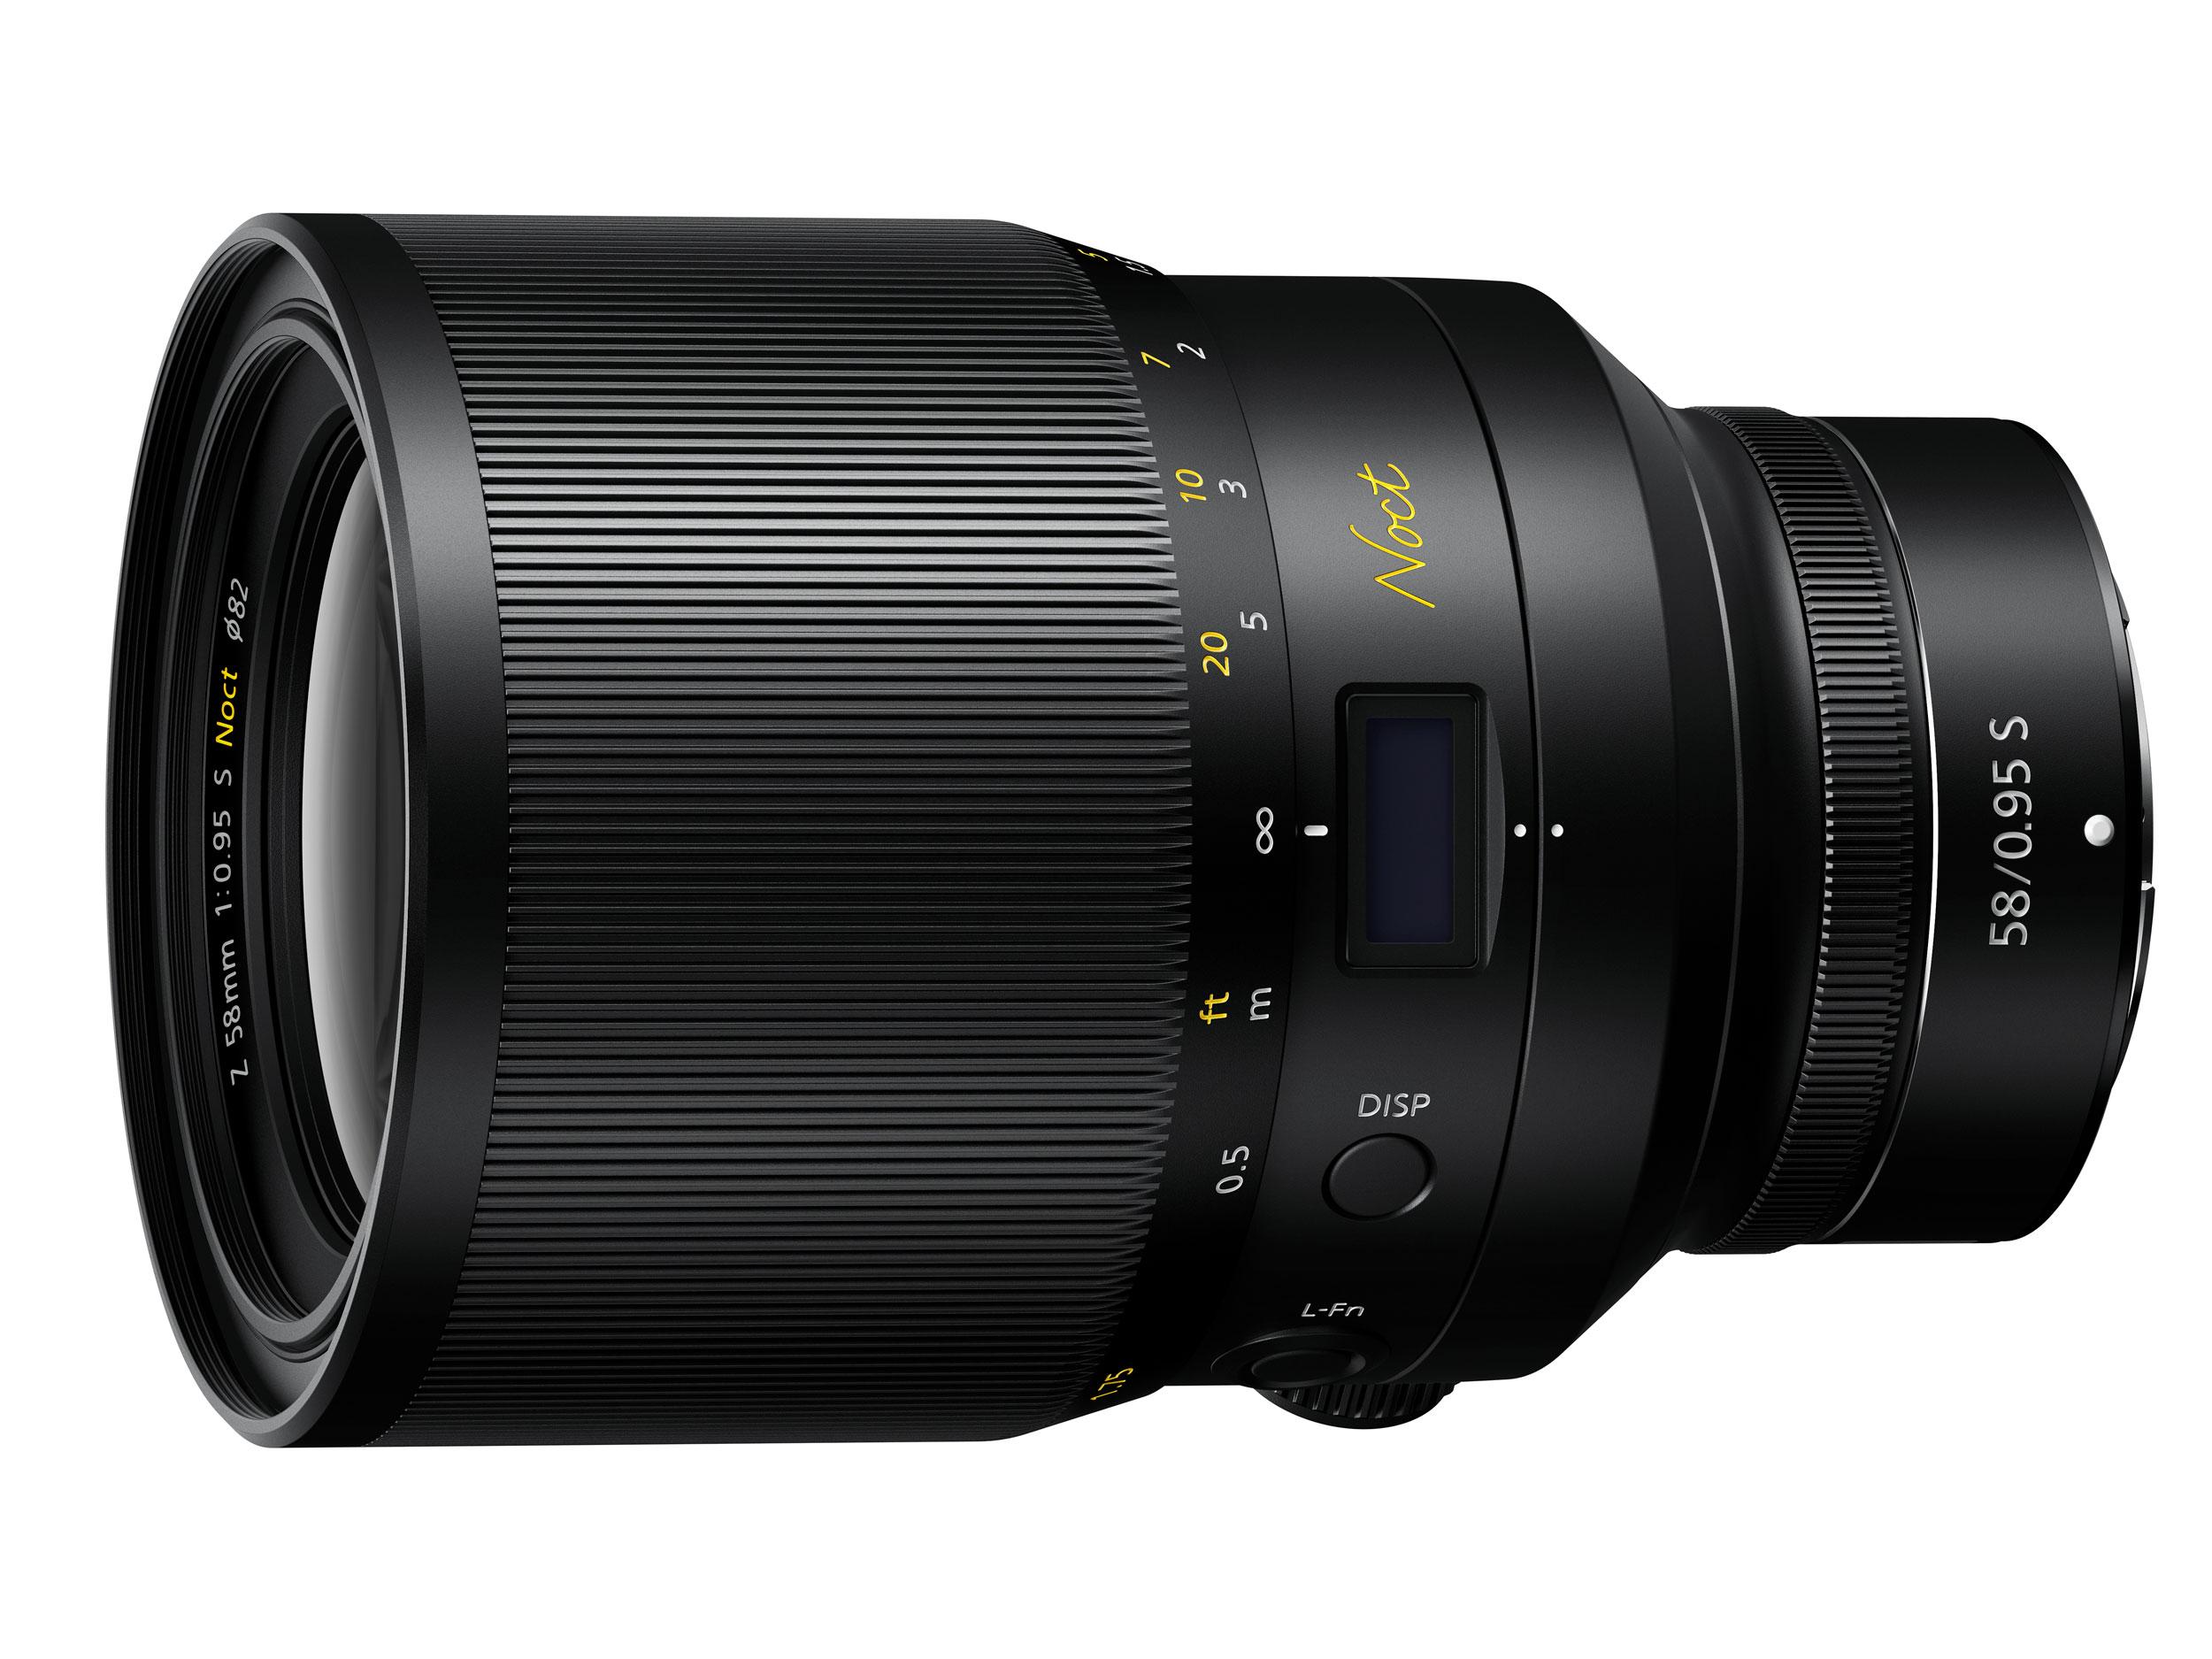 Lee FILTRI 67mm STANDARD ANELLO ADATTATORE si adatta Nikon 70-200mm F4.0G ED AFS VR